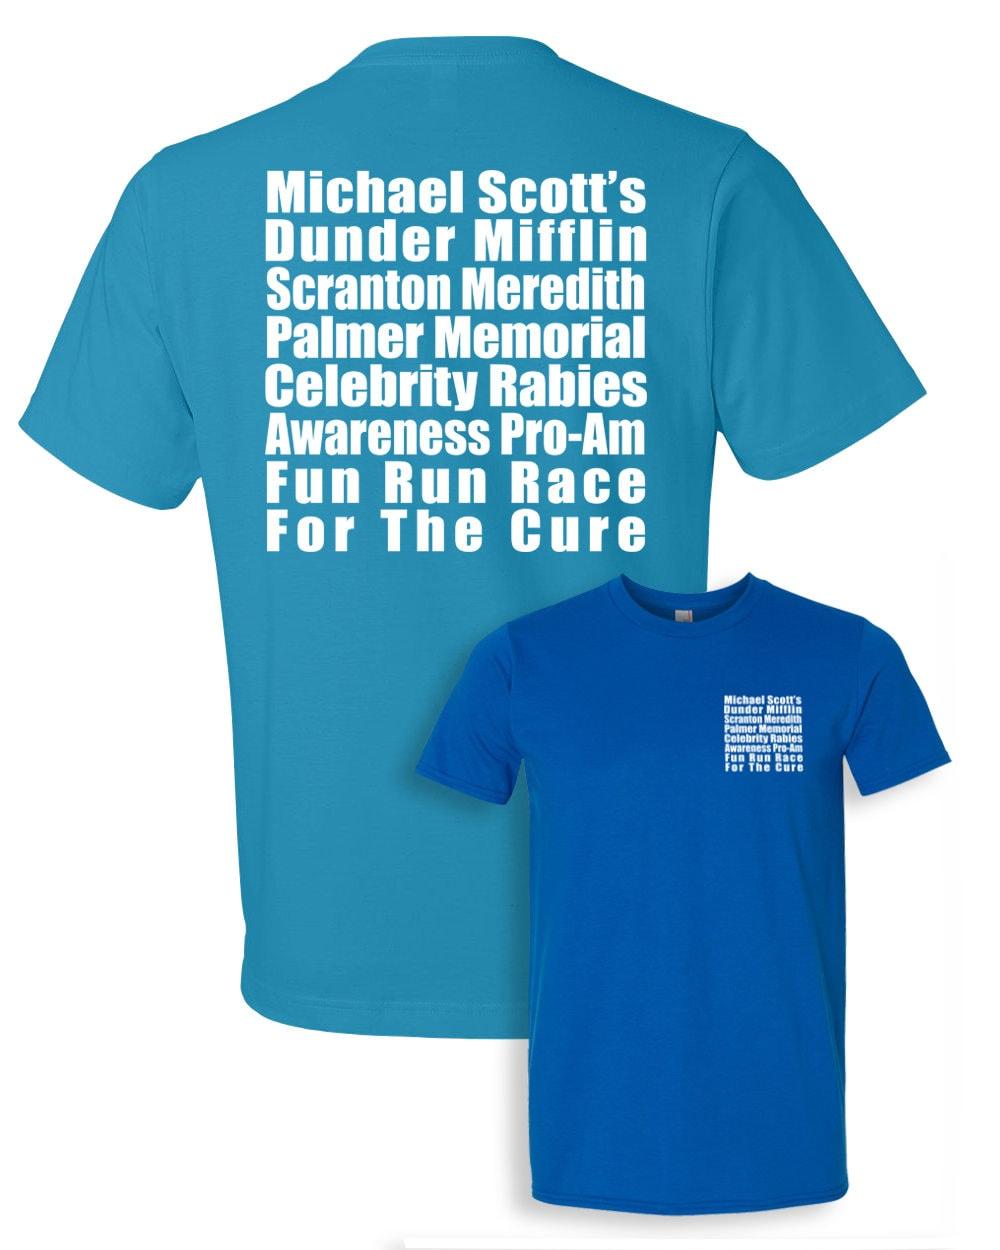 dunder mifflin shirt